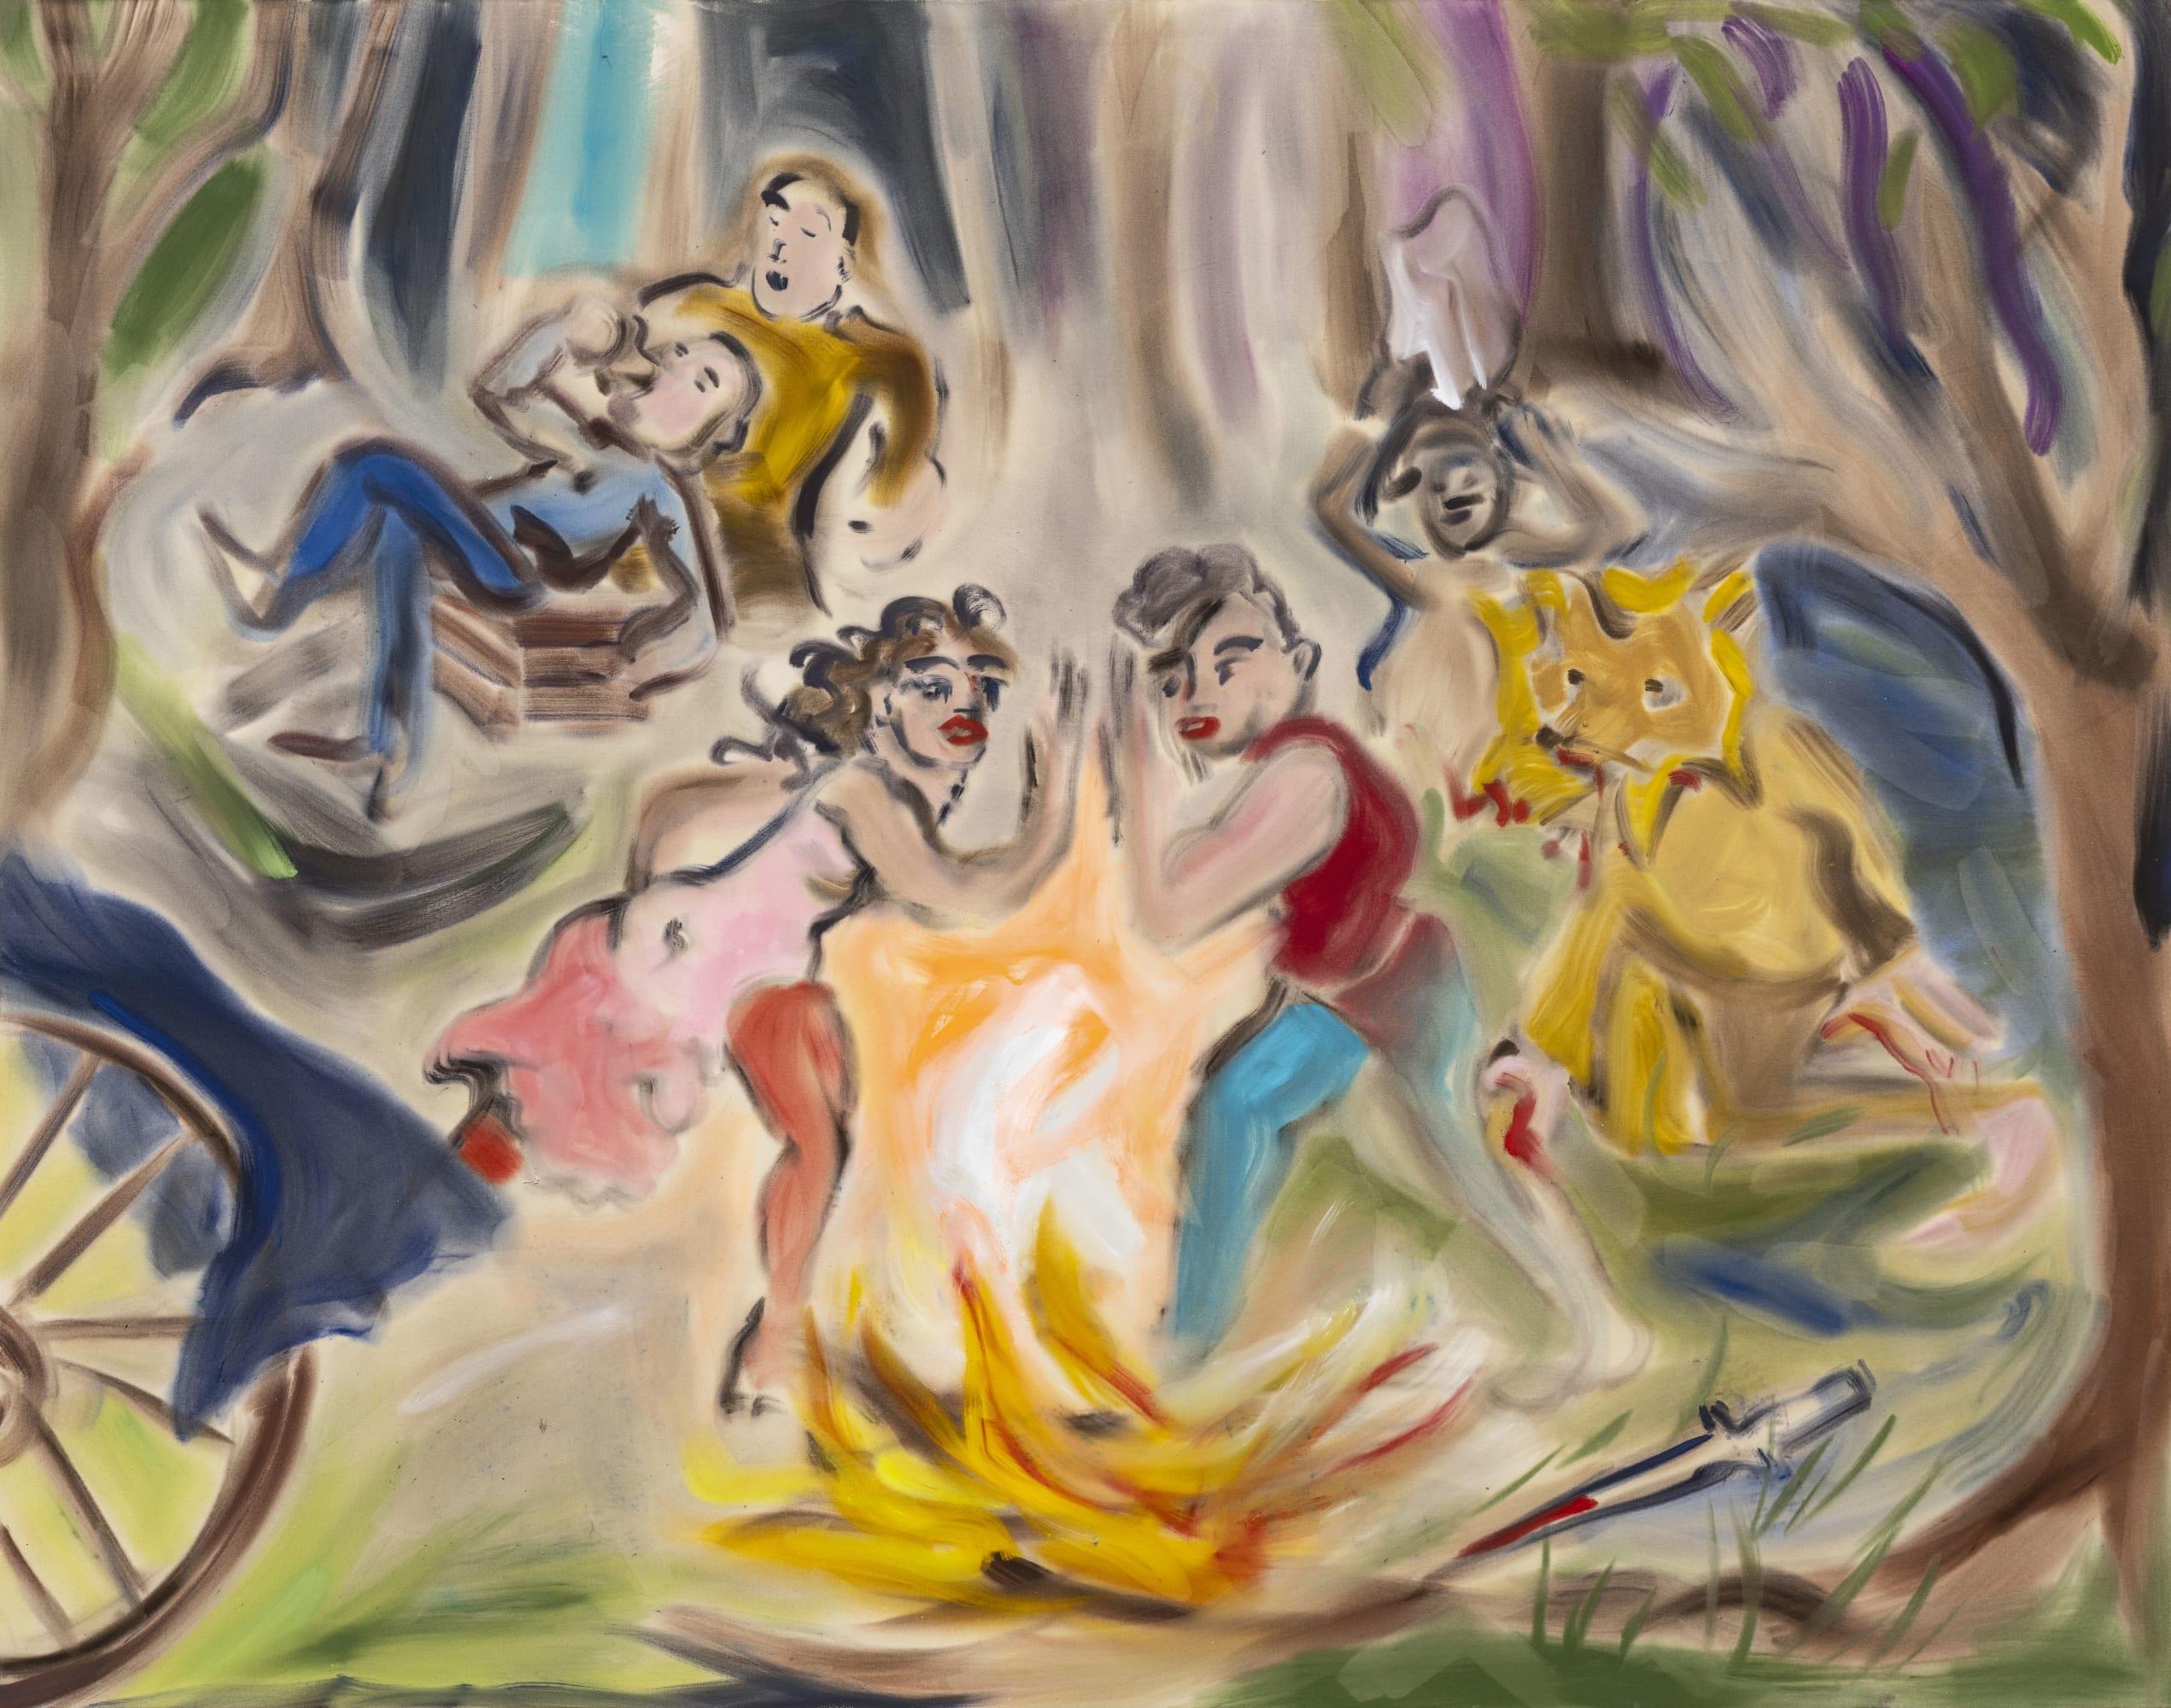 Sophie von Hellermann A Midsummer Night's Dream